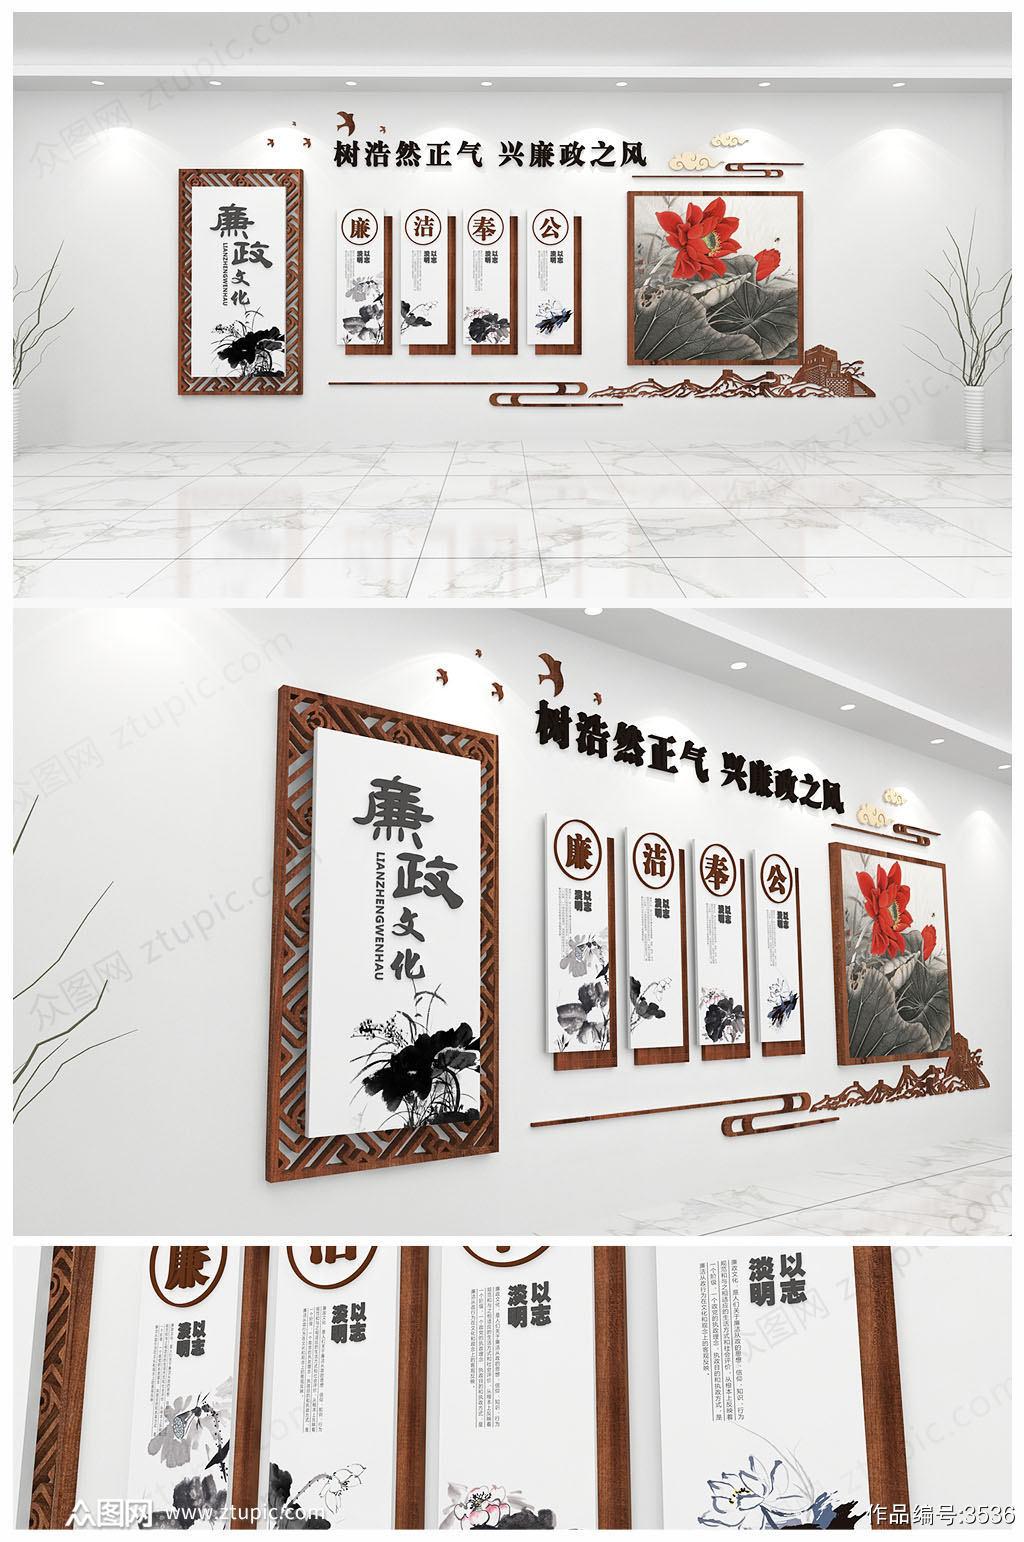 新中式荷花廉政文化墙党员活动室背景墙素材